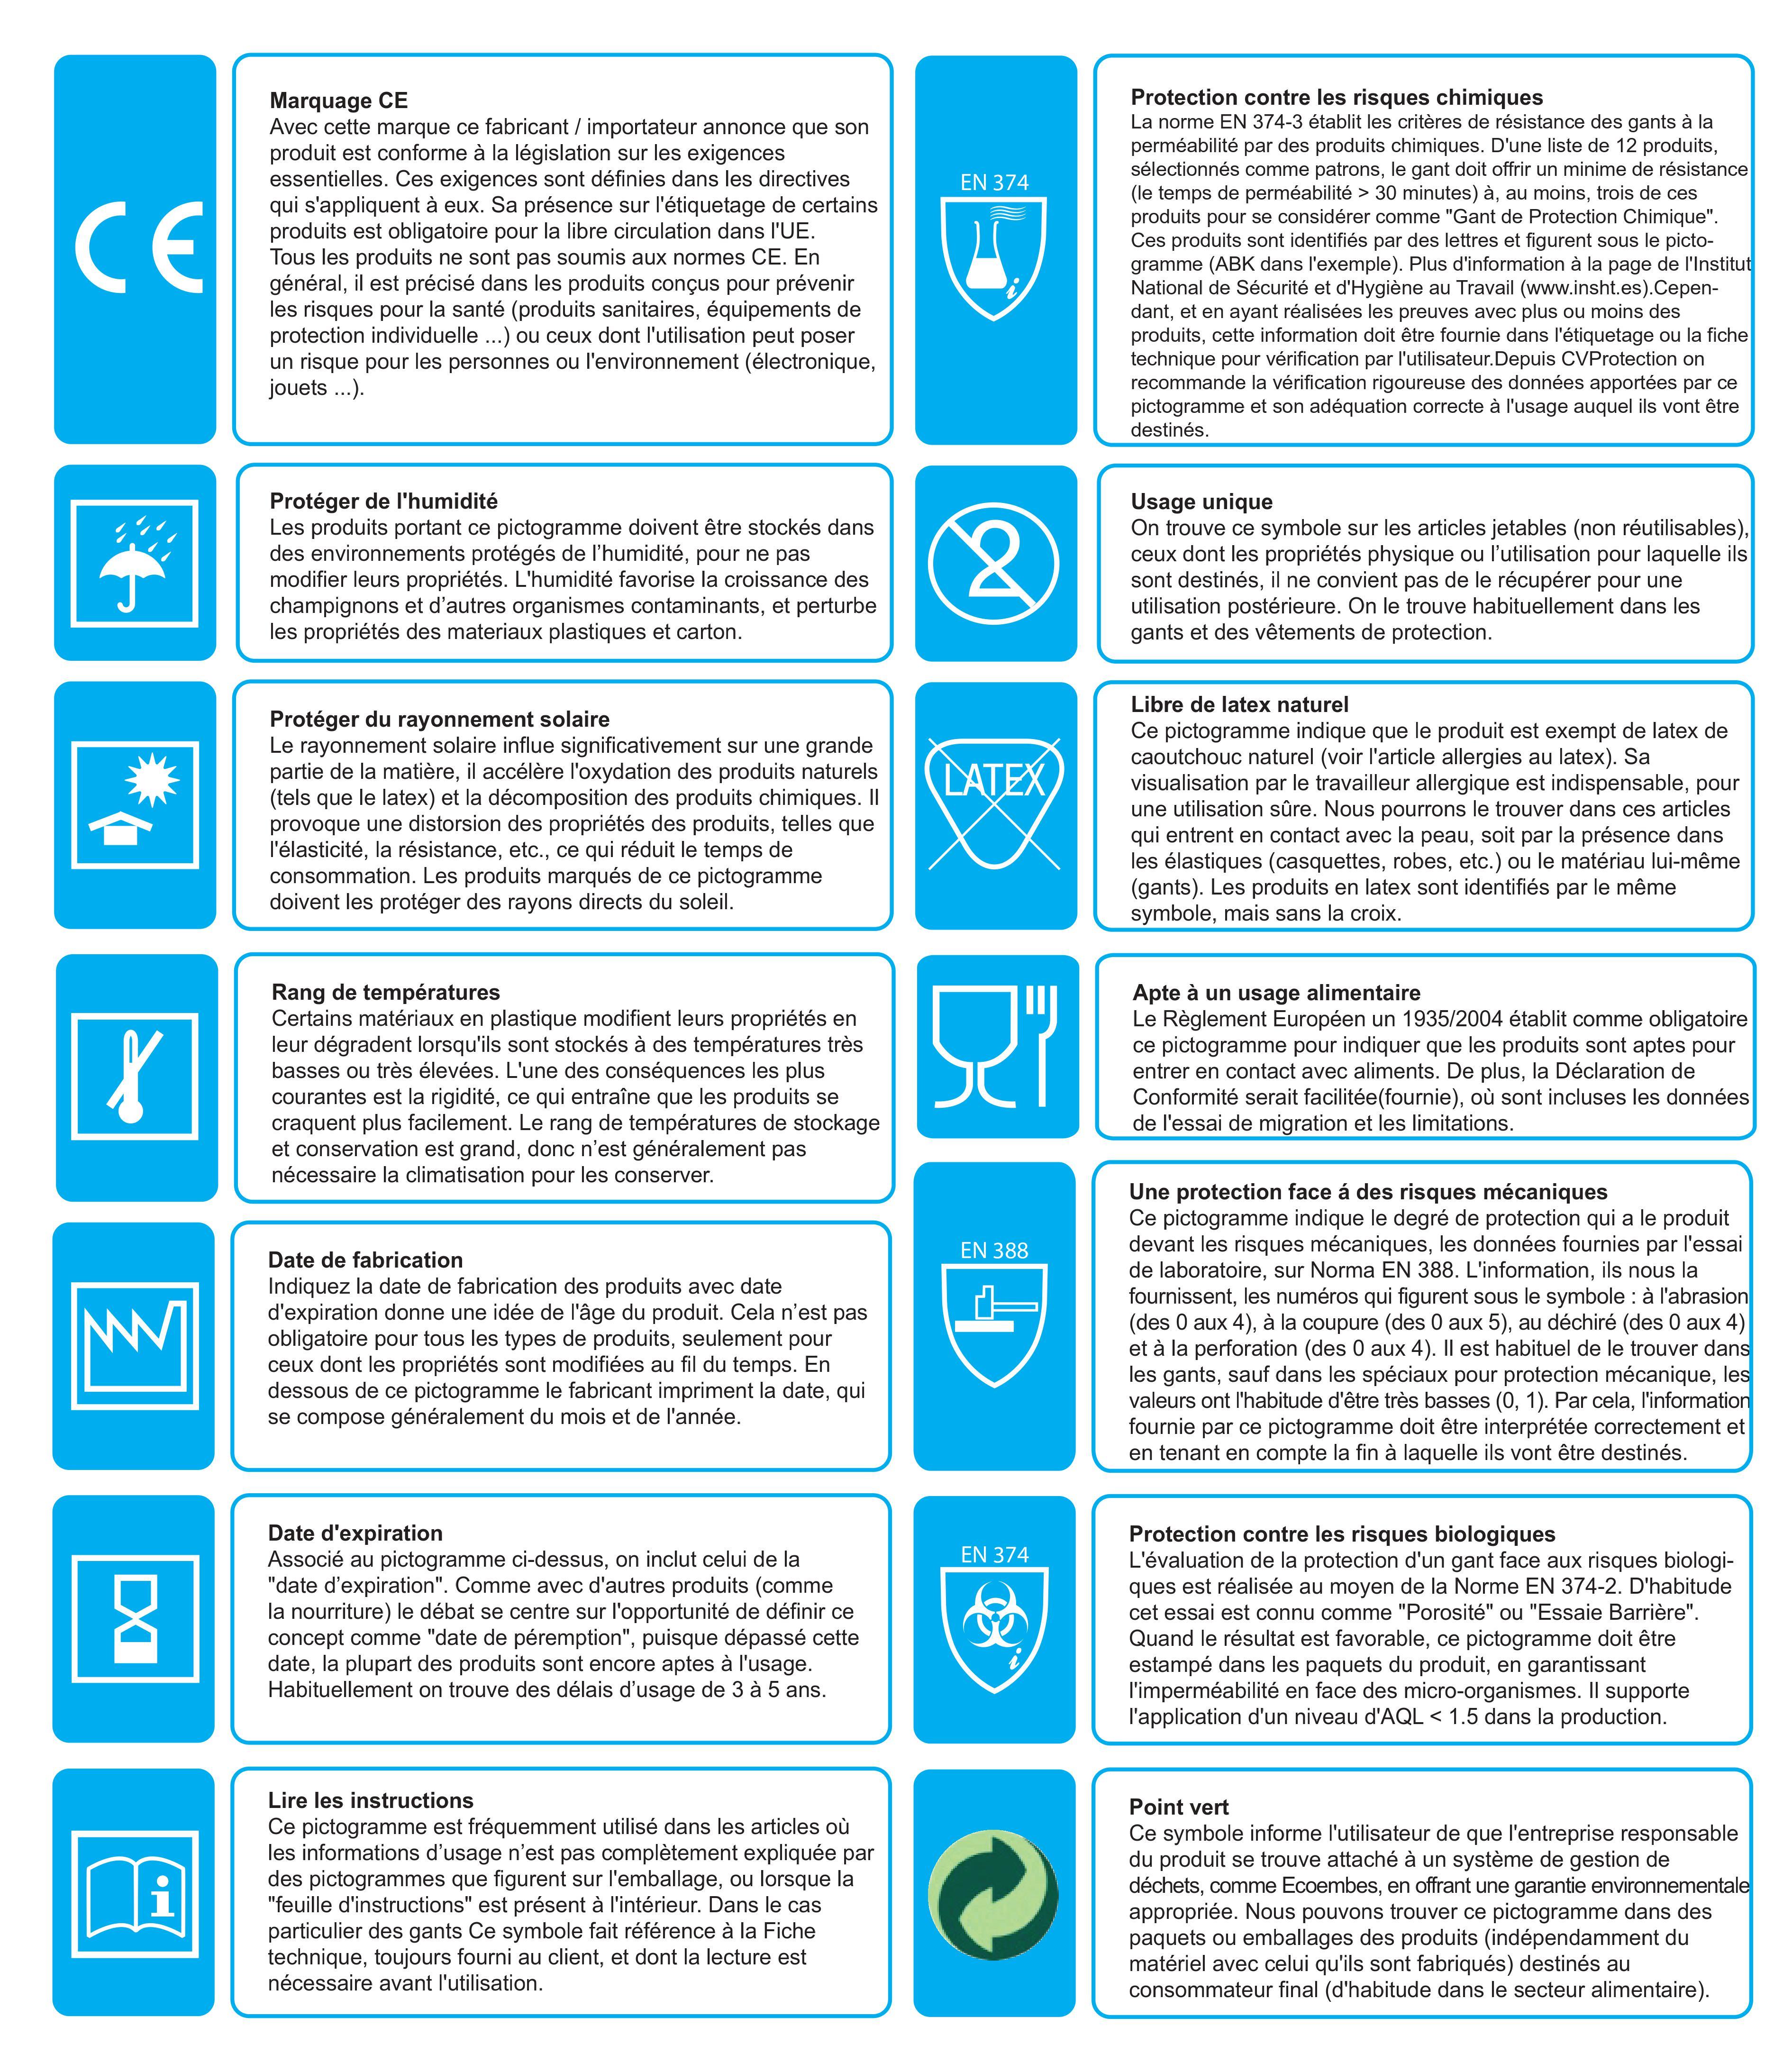 pictogrammes sur letiquetage des produits